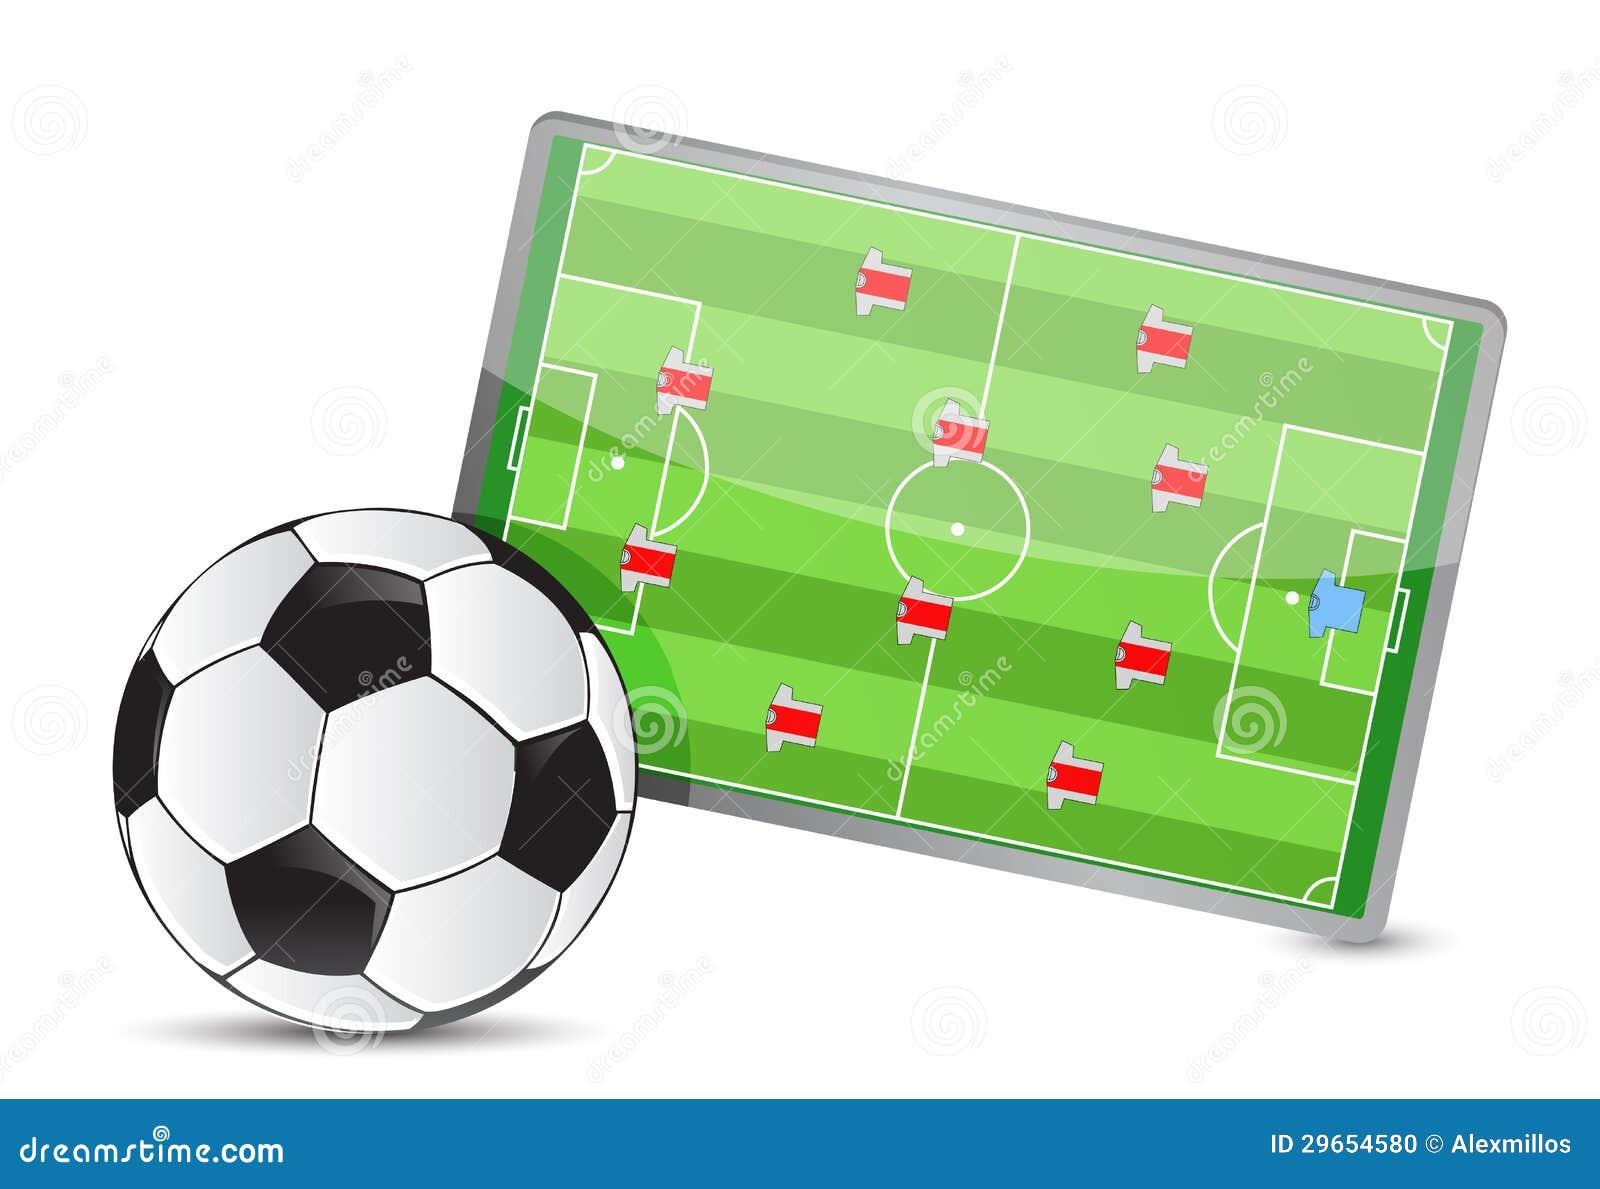 Πίνακας τακτικής γηπέδων ποδοσφαίρου, σφαίρες ποδοσφαίρου